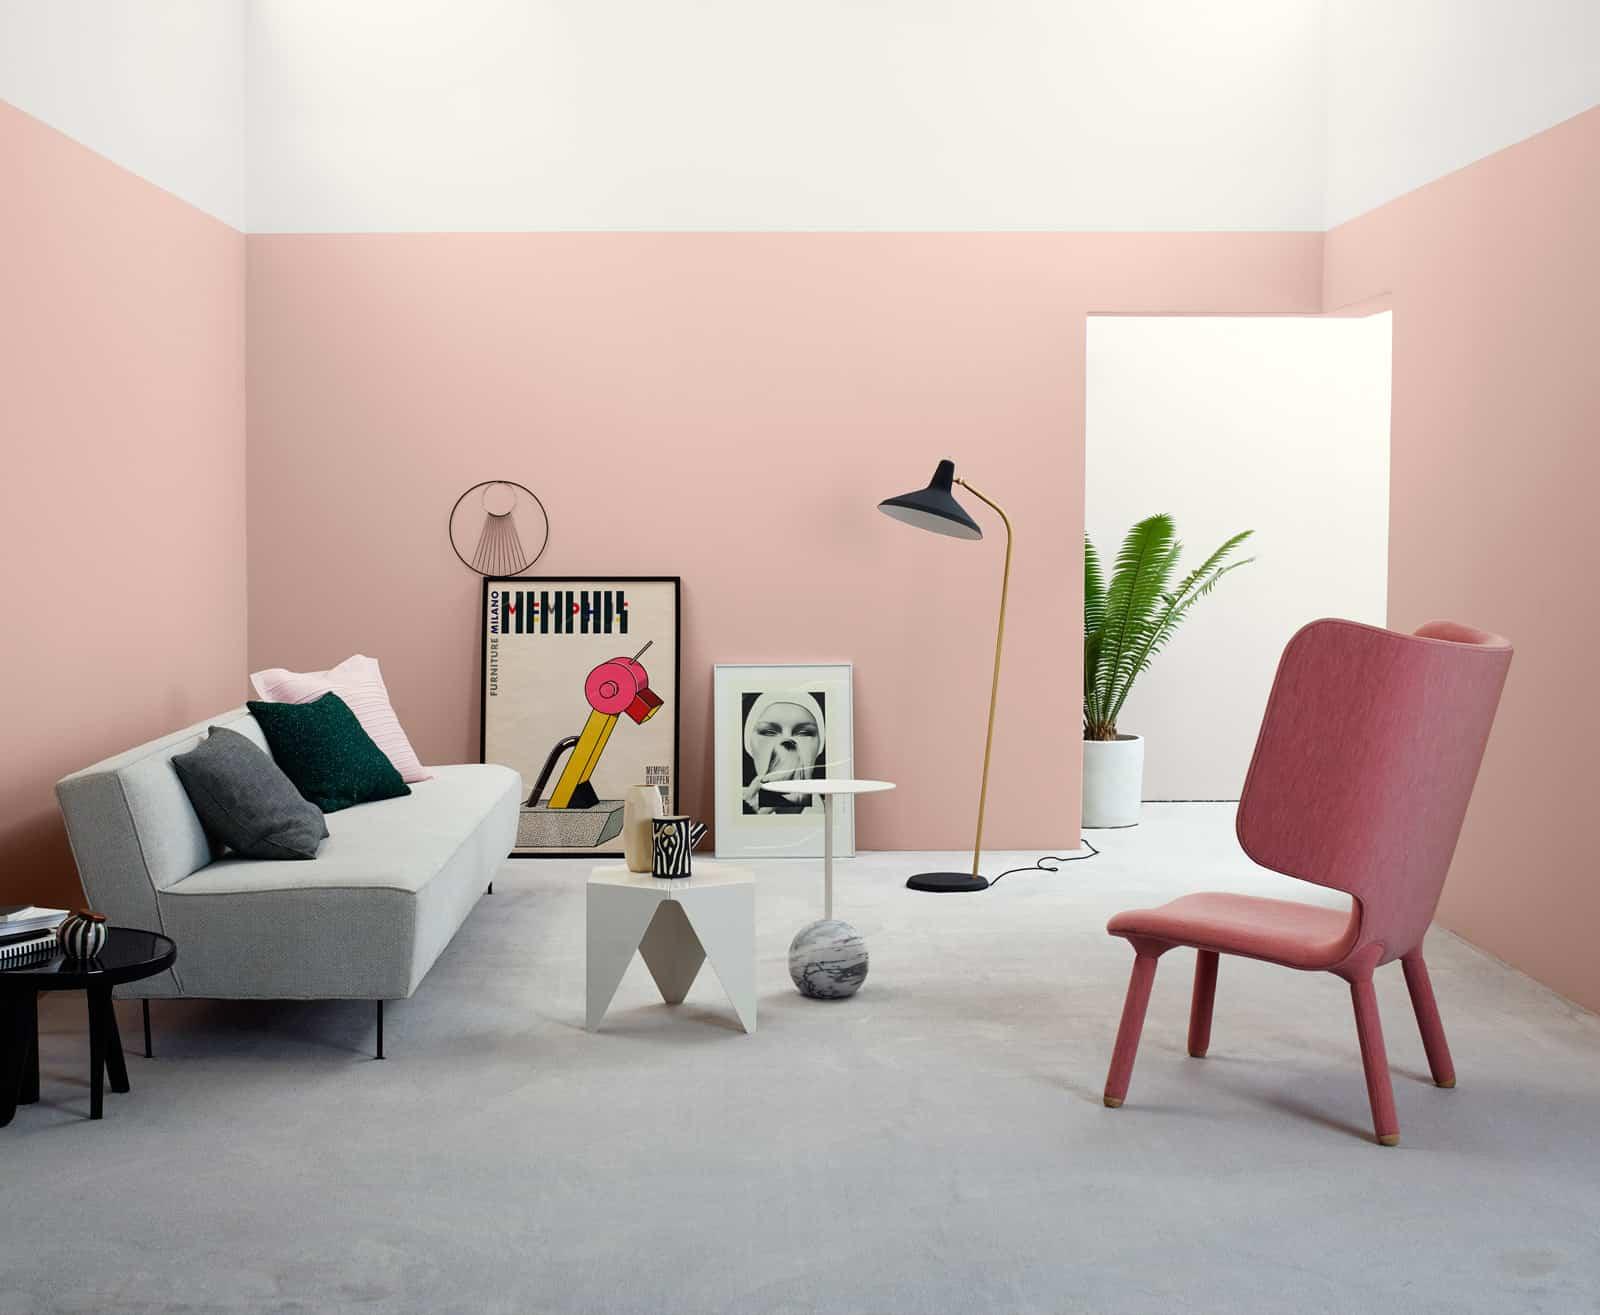 AW17/18 Trend: Millennial Pink